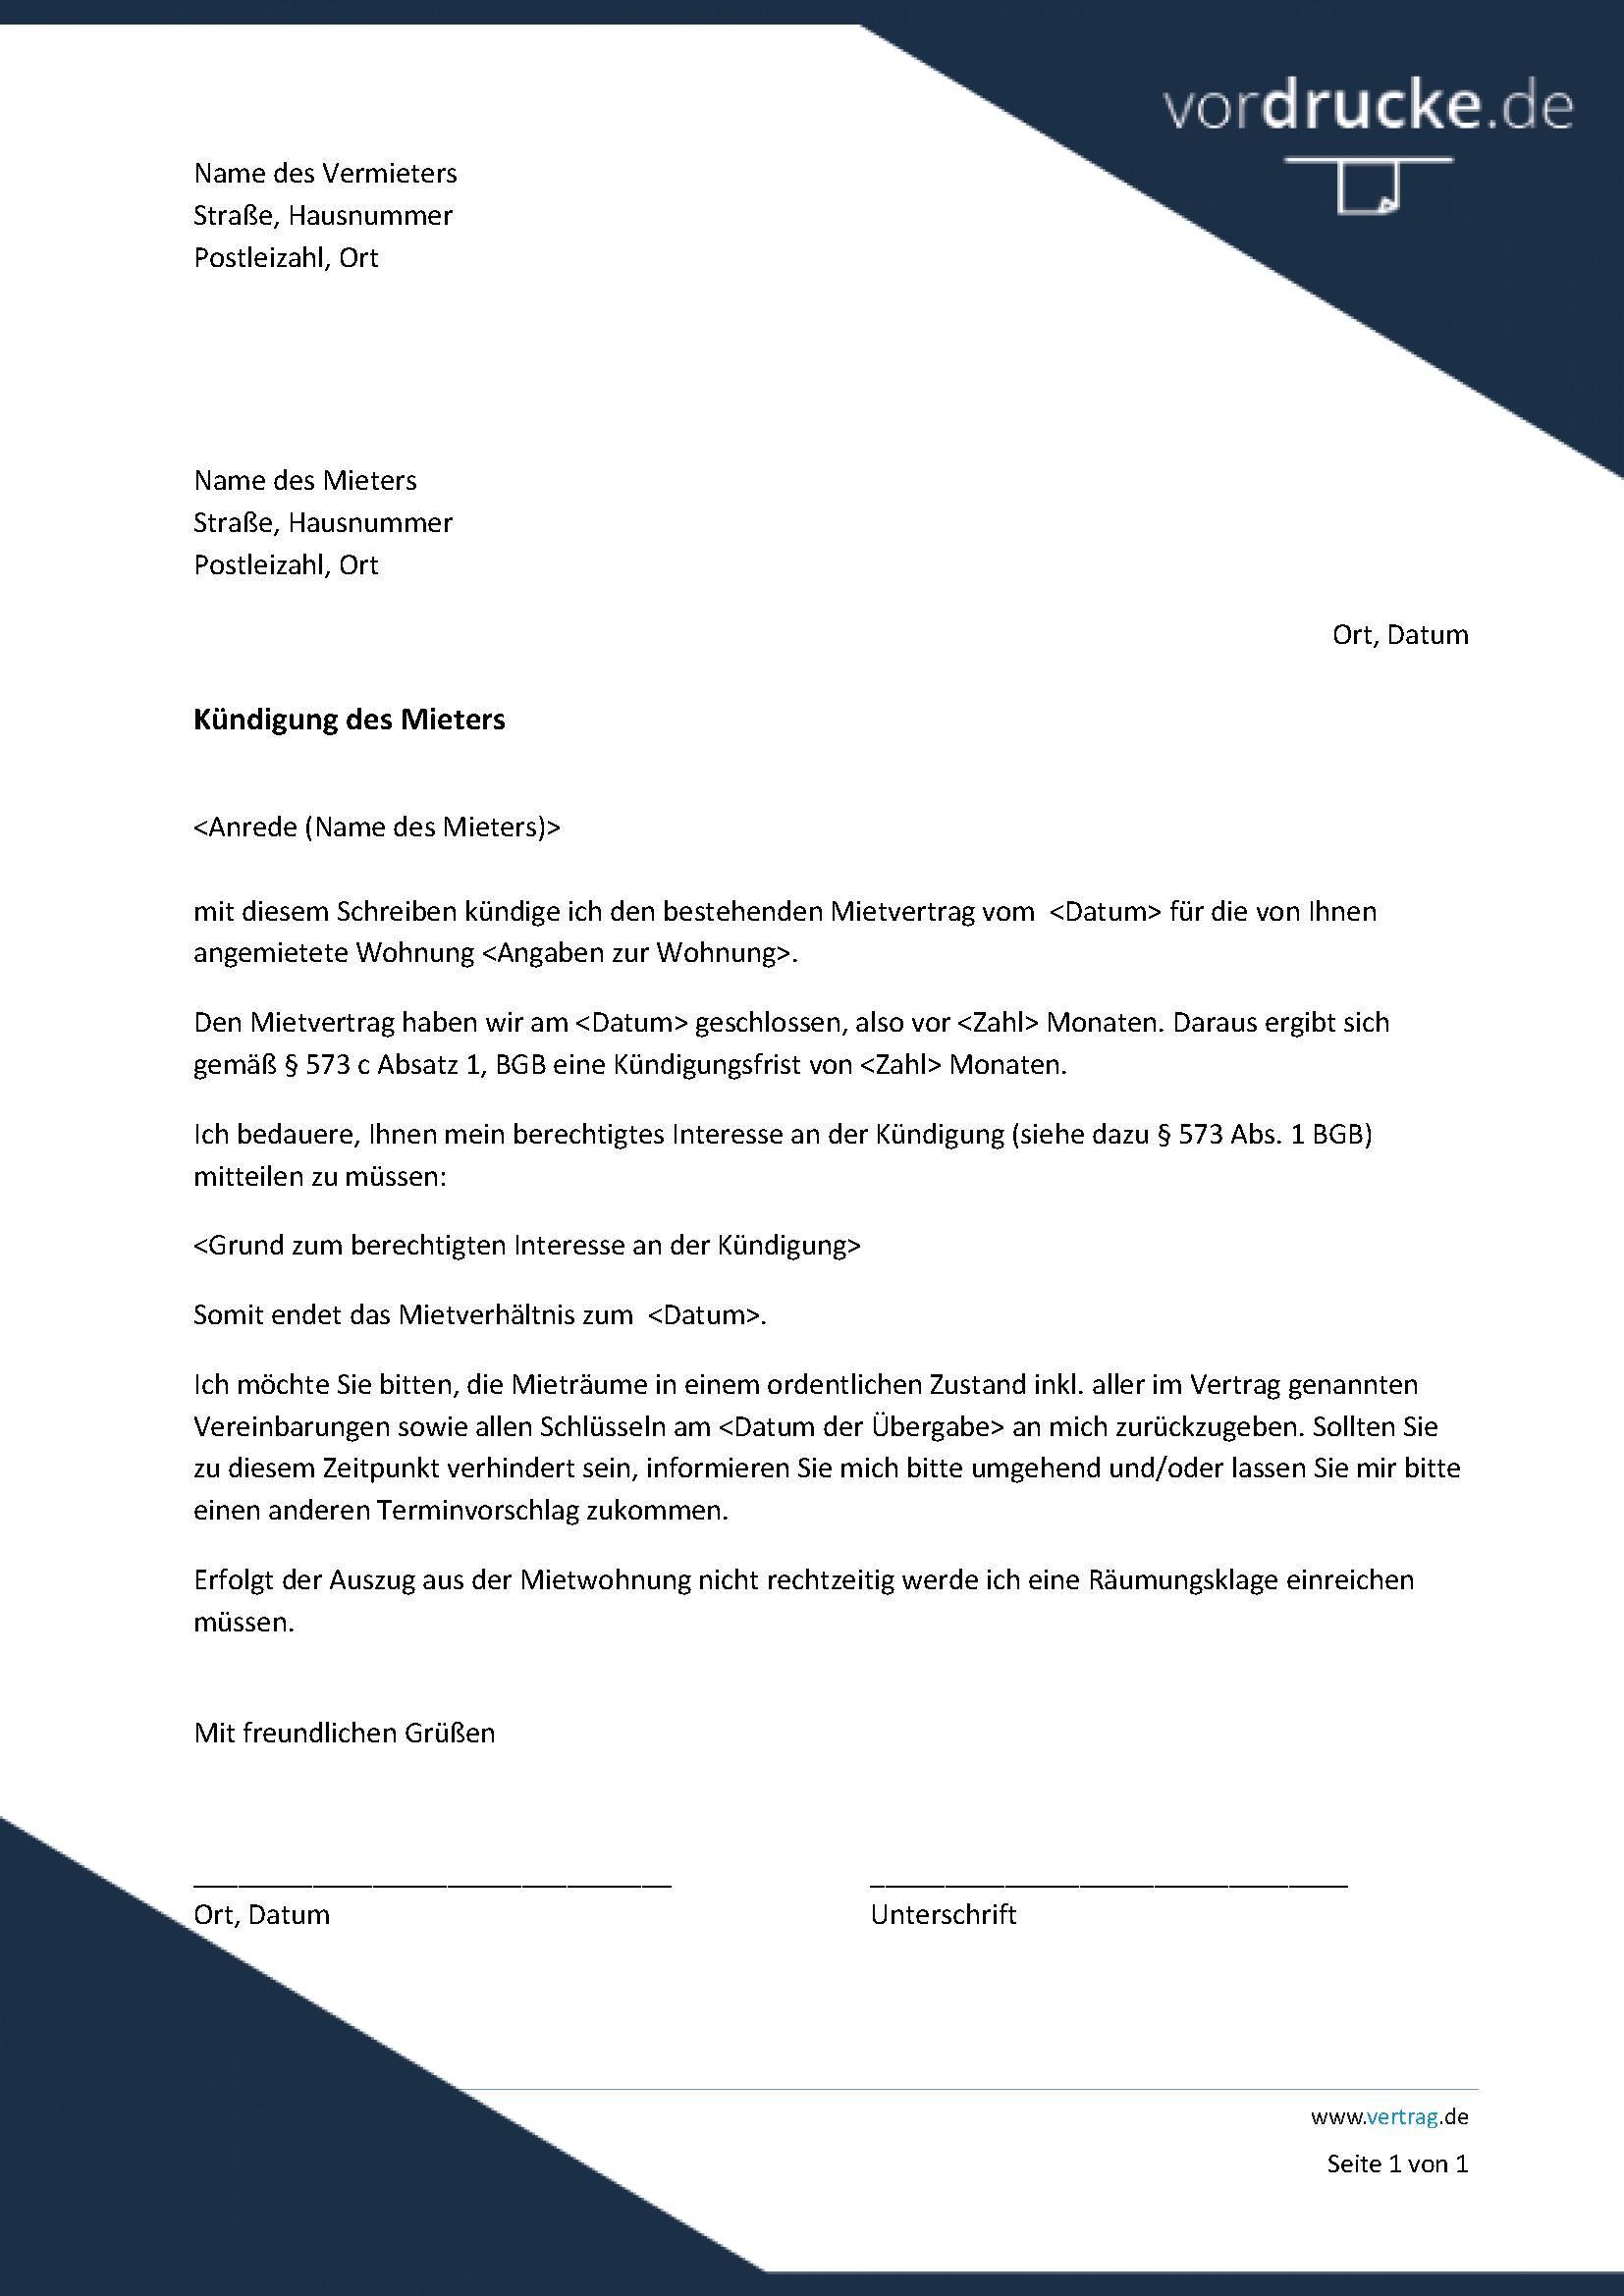 Vordruck kuendigung-mietvertrag-vermieter-an-mieter